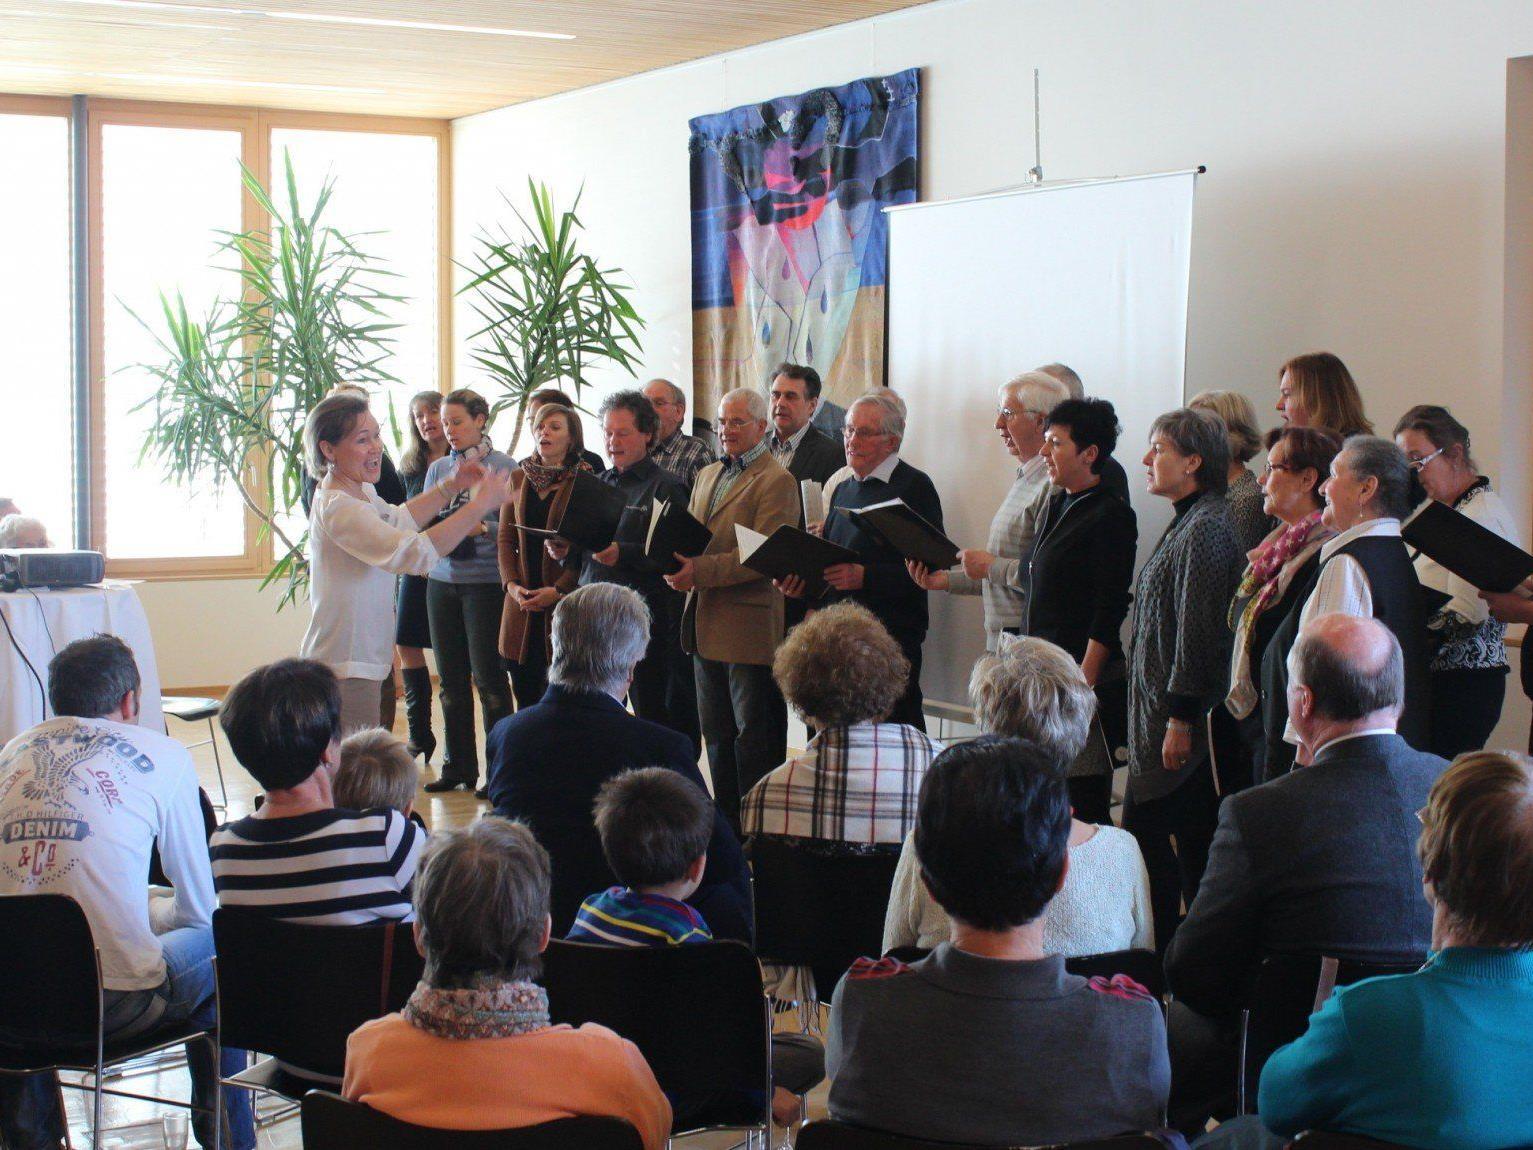 Musikalische Umrahmung durch eine Abordnung des Bildsteiner Chors.